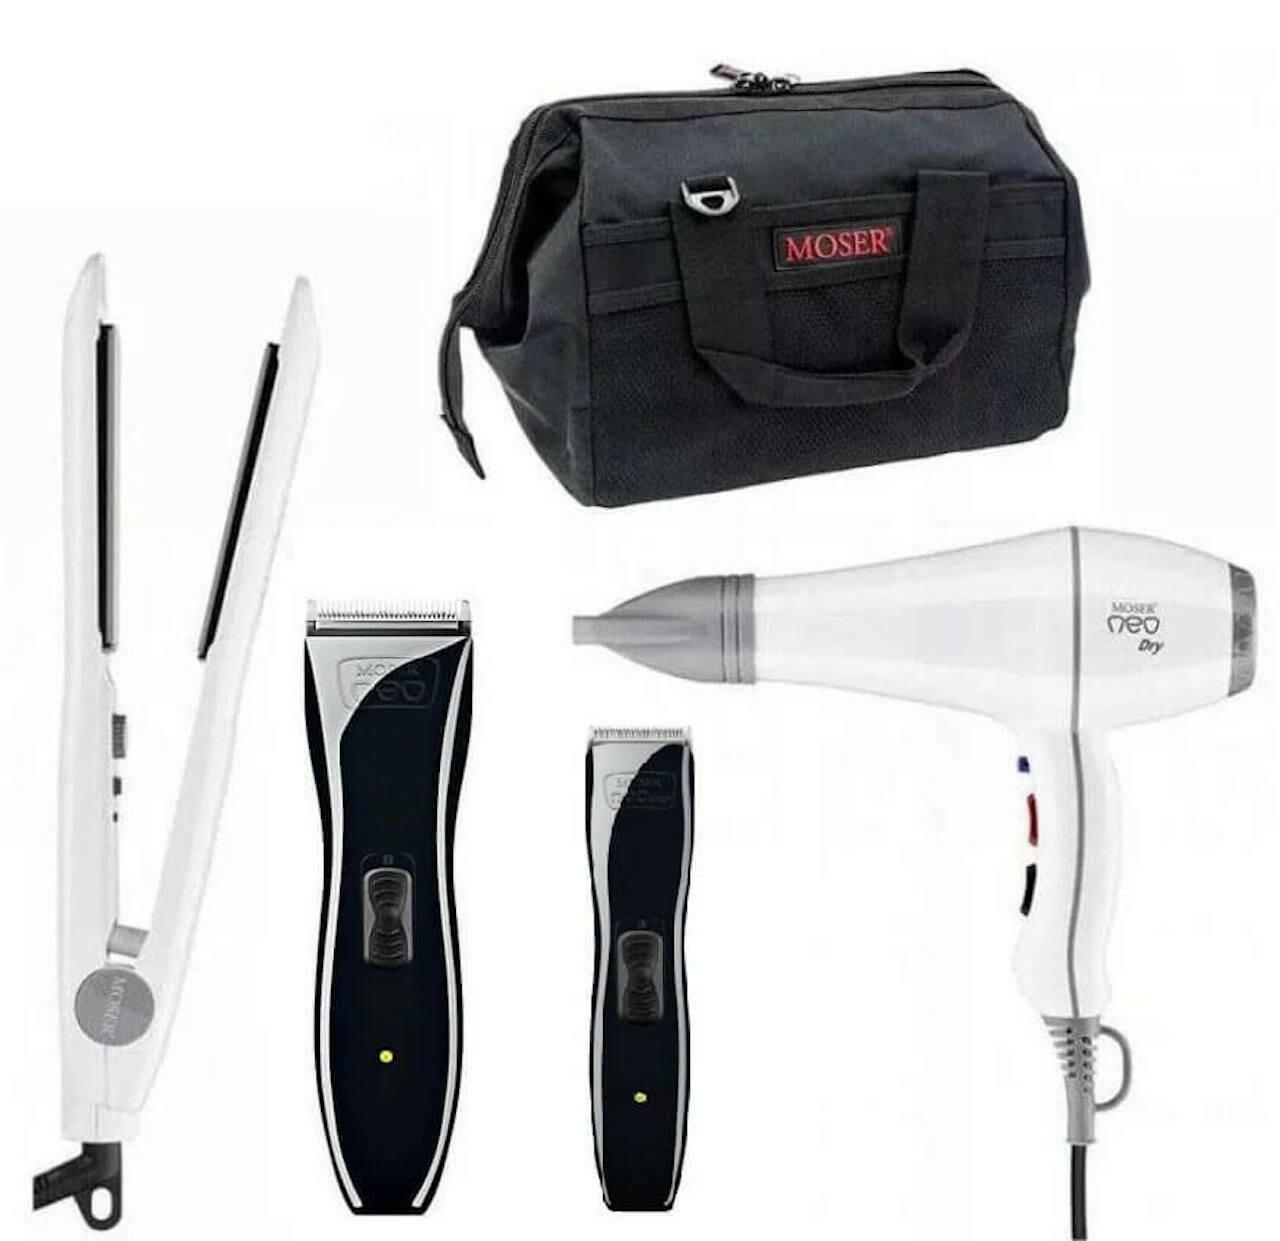 Профессиональный набор парикмахера Moser Neo hair clipper set 1886-0105